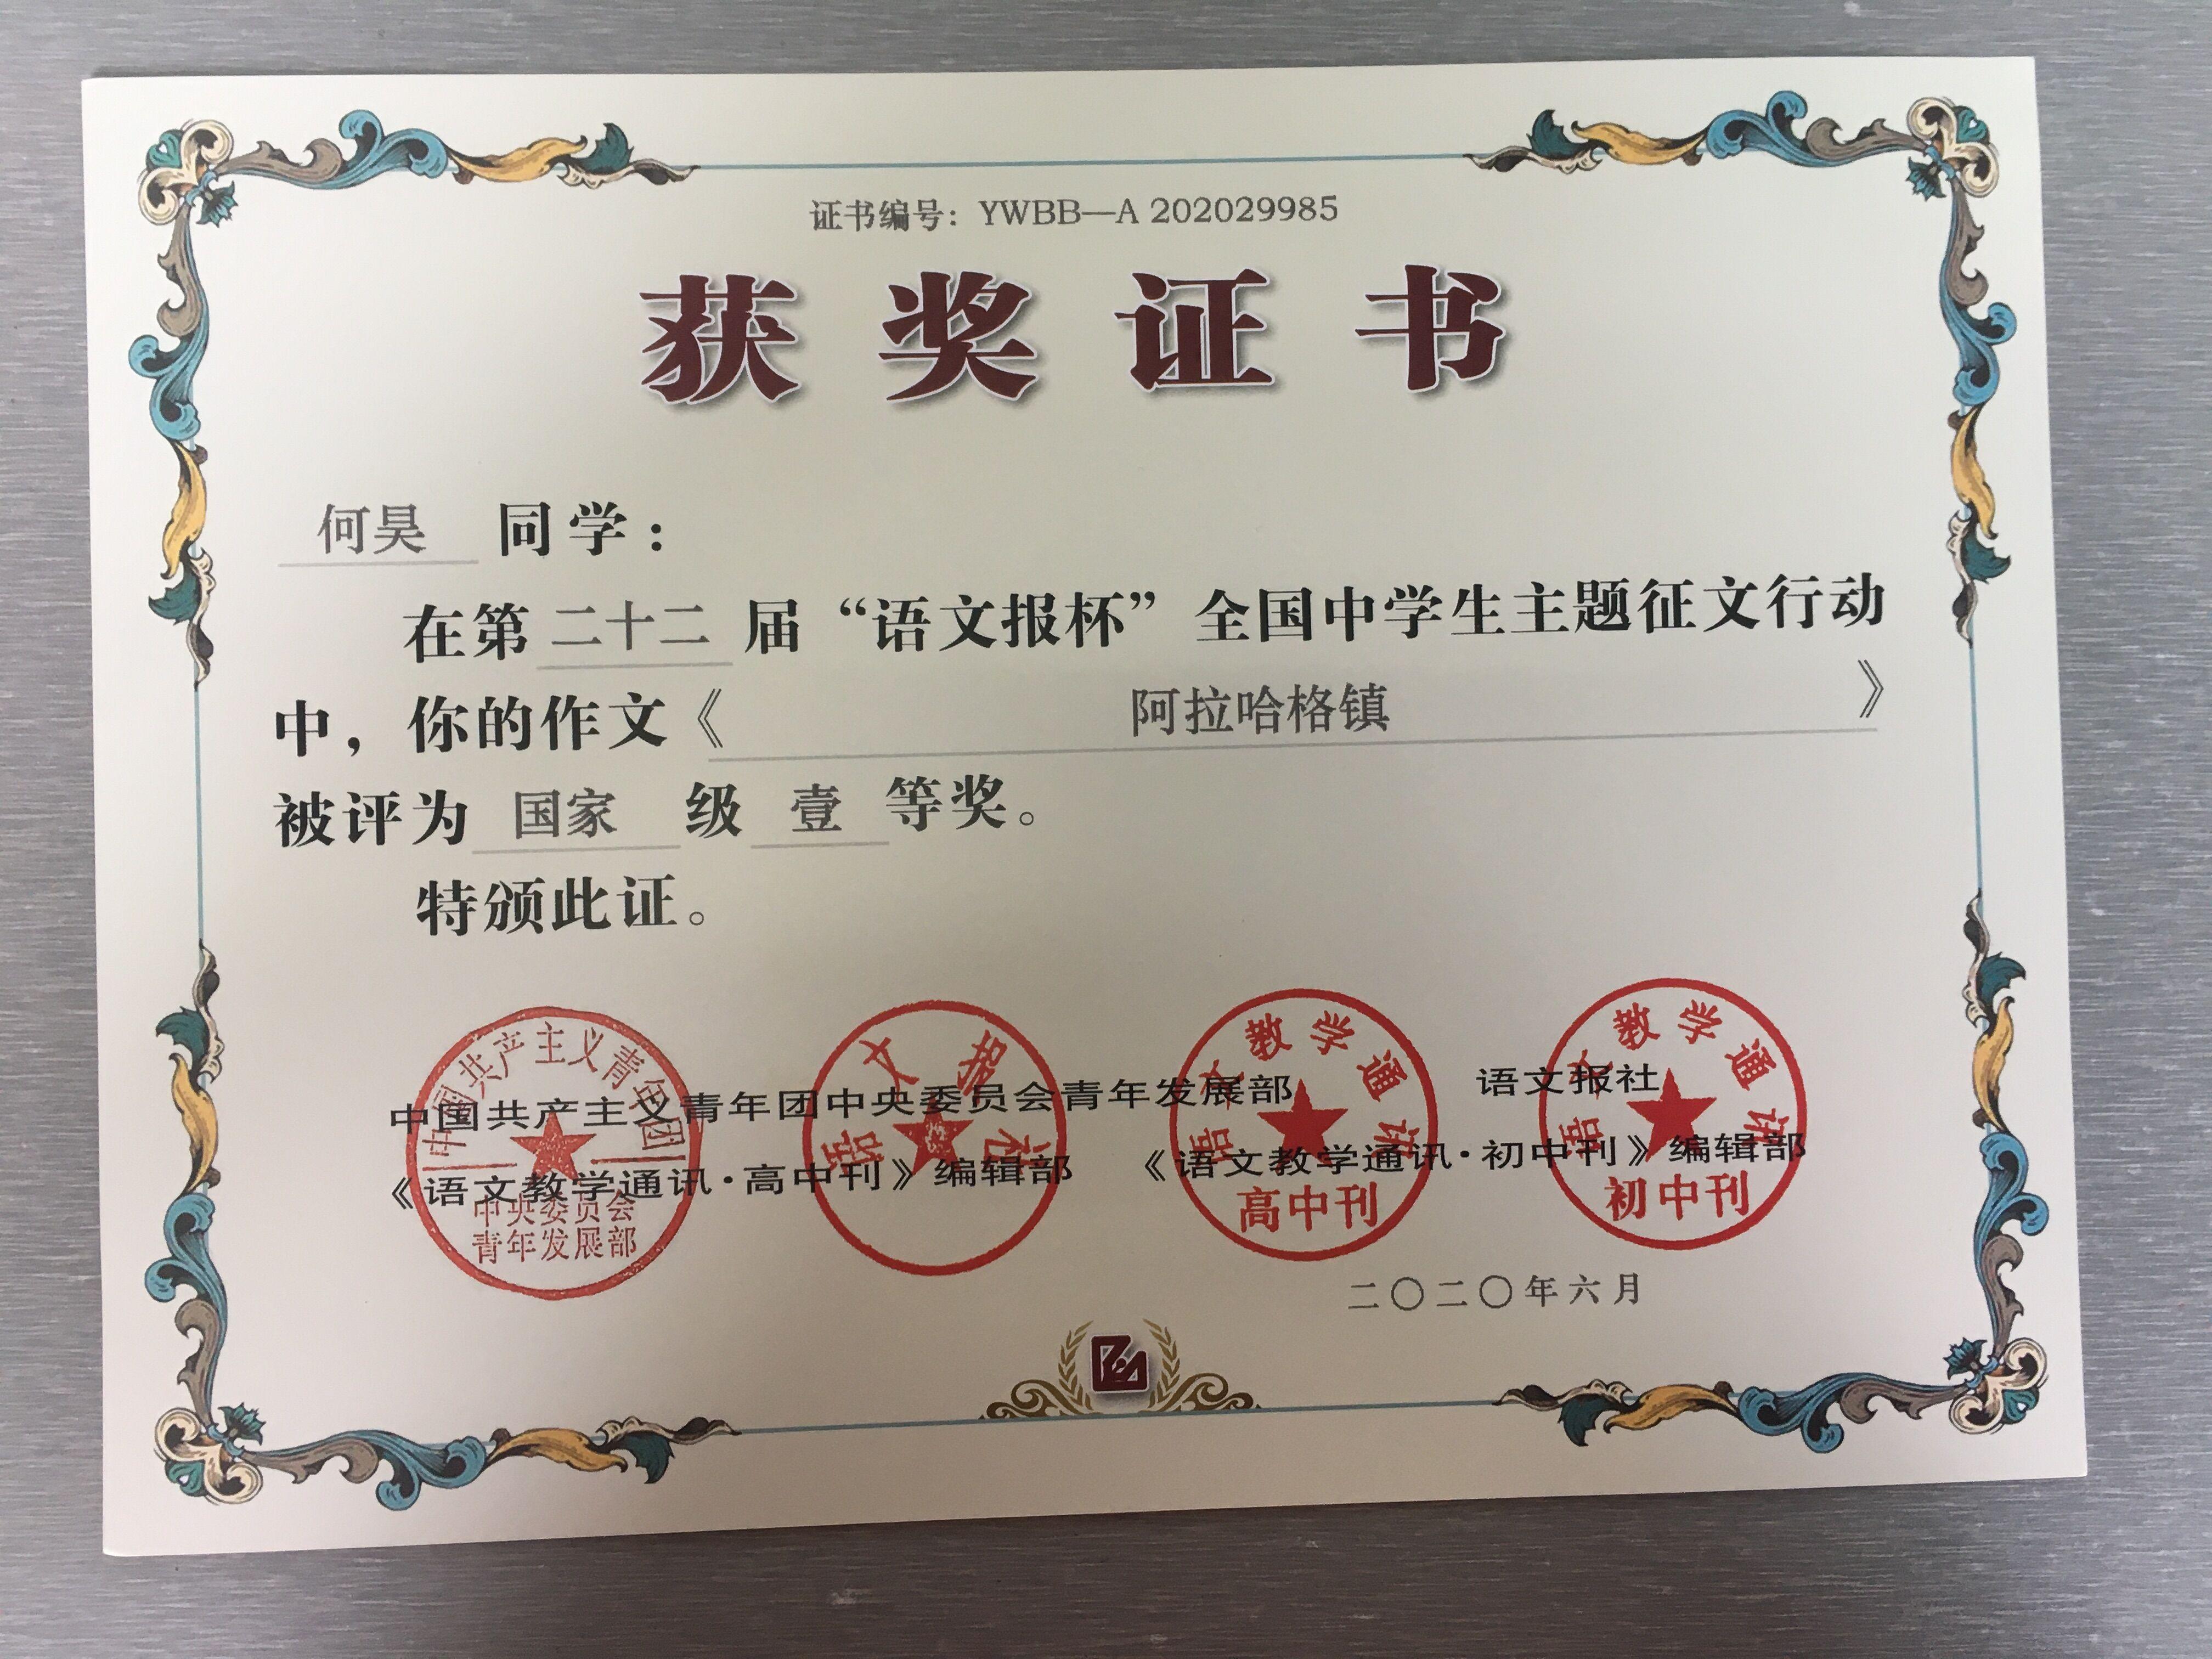 """喜报:我校在23届""""语文报杯""""全国中学生主题征文行动中获佳绩"""